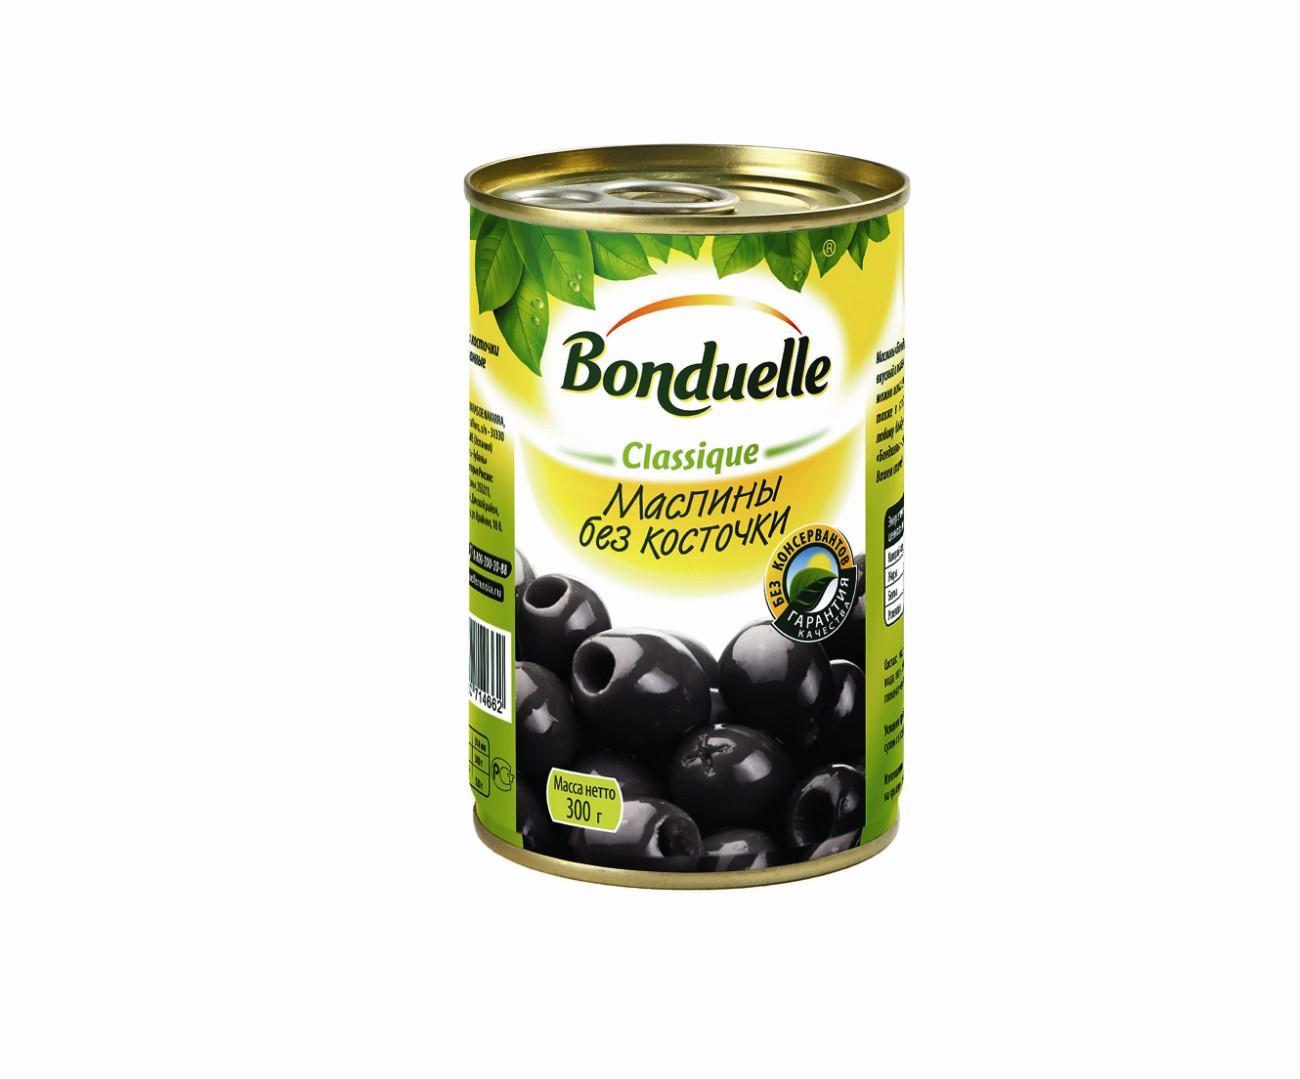 Маслины Бондюэль, без косточки,300гр.